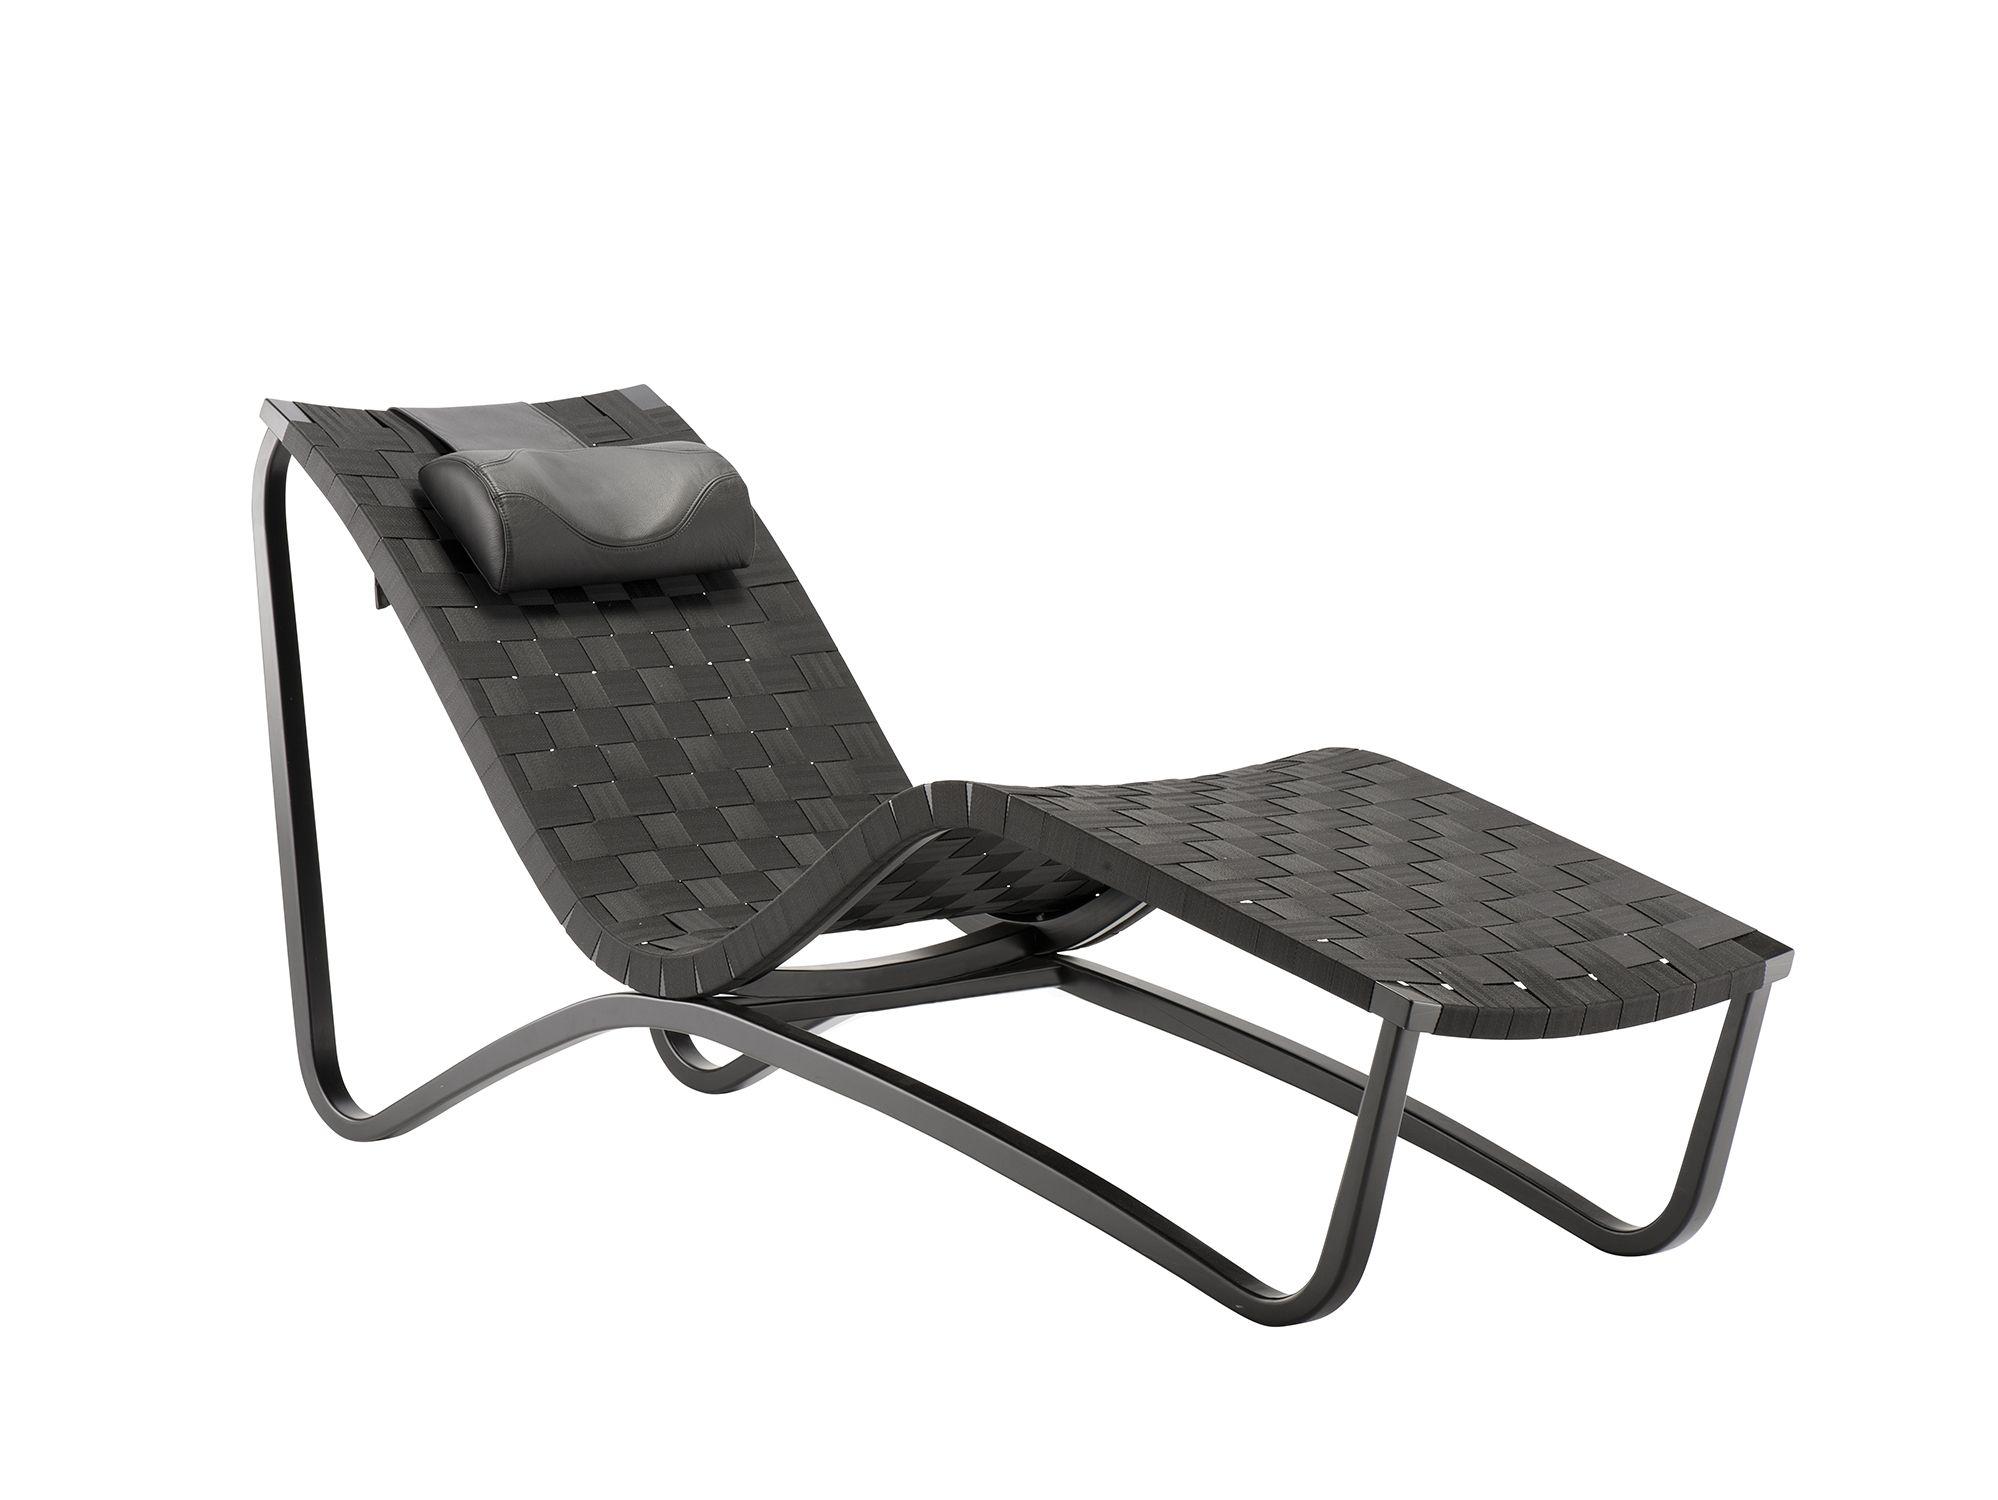 vaneau lounge chair by alex de rouvray design alex de rouvray